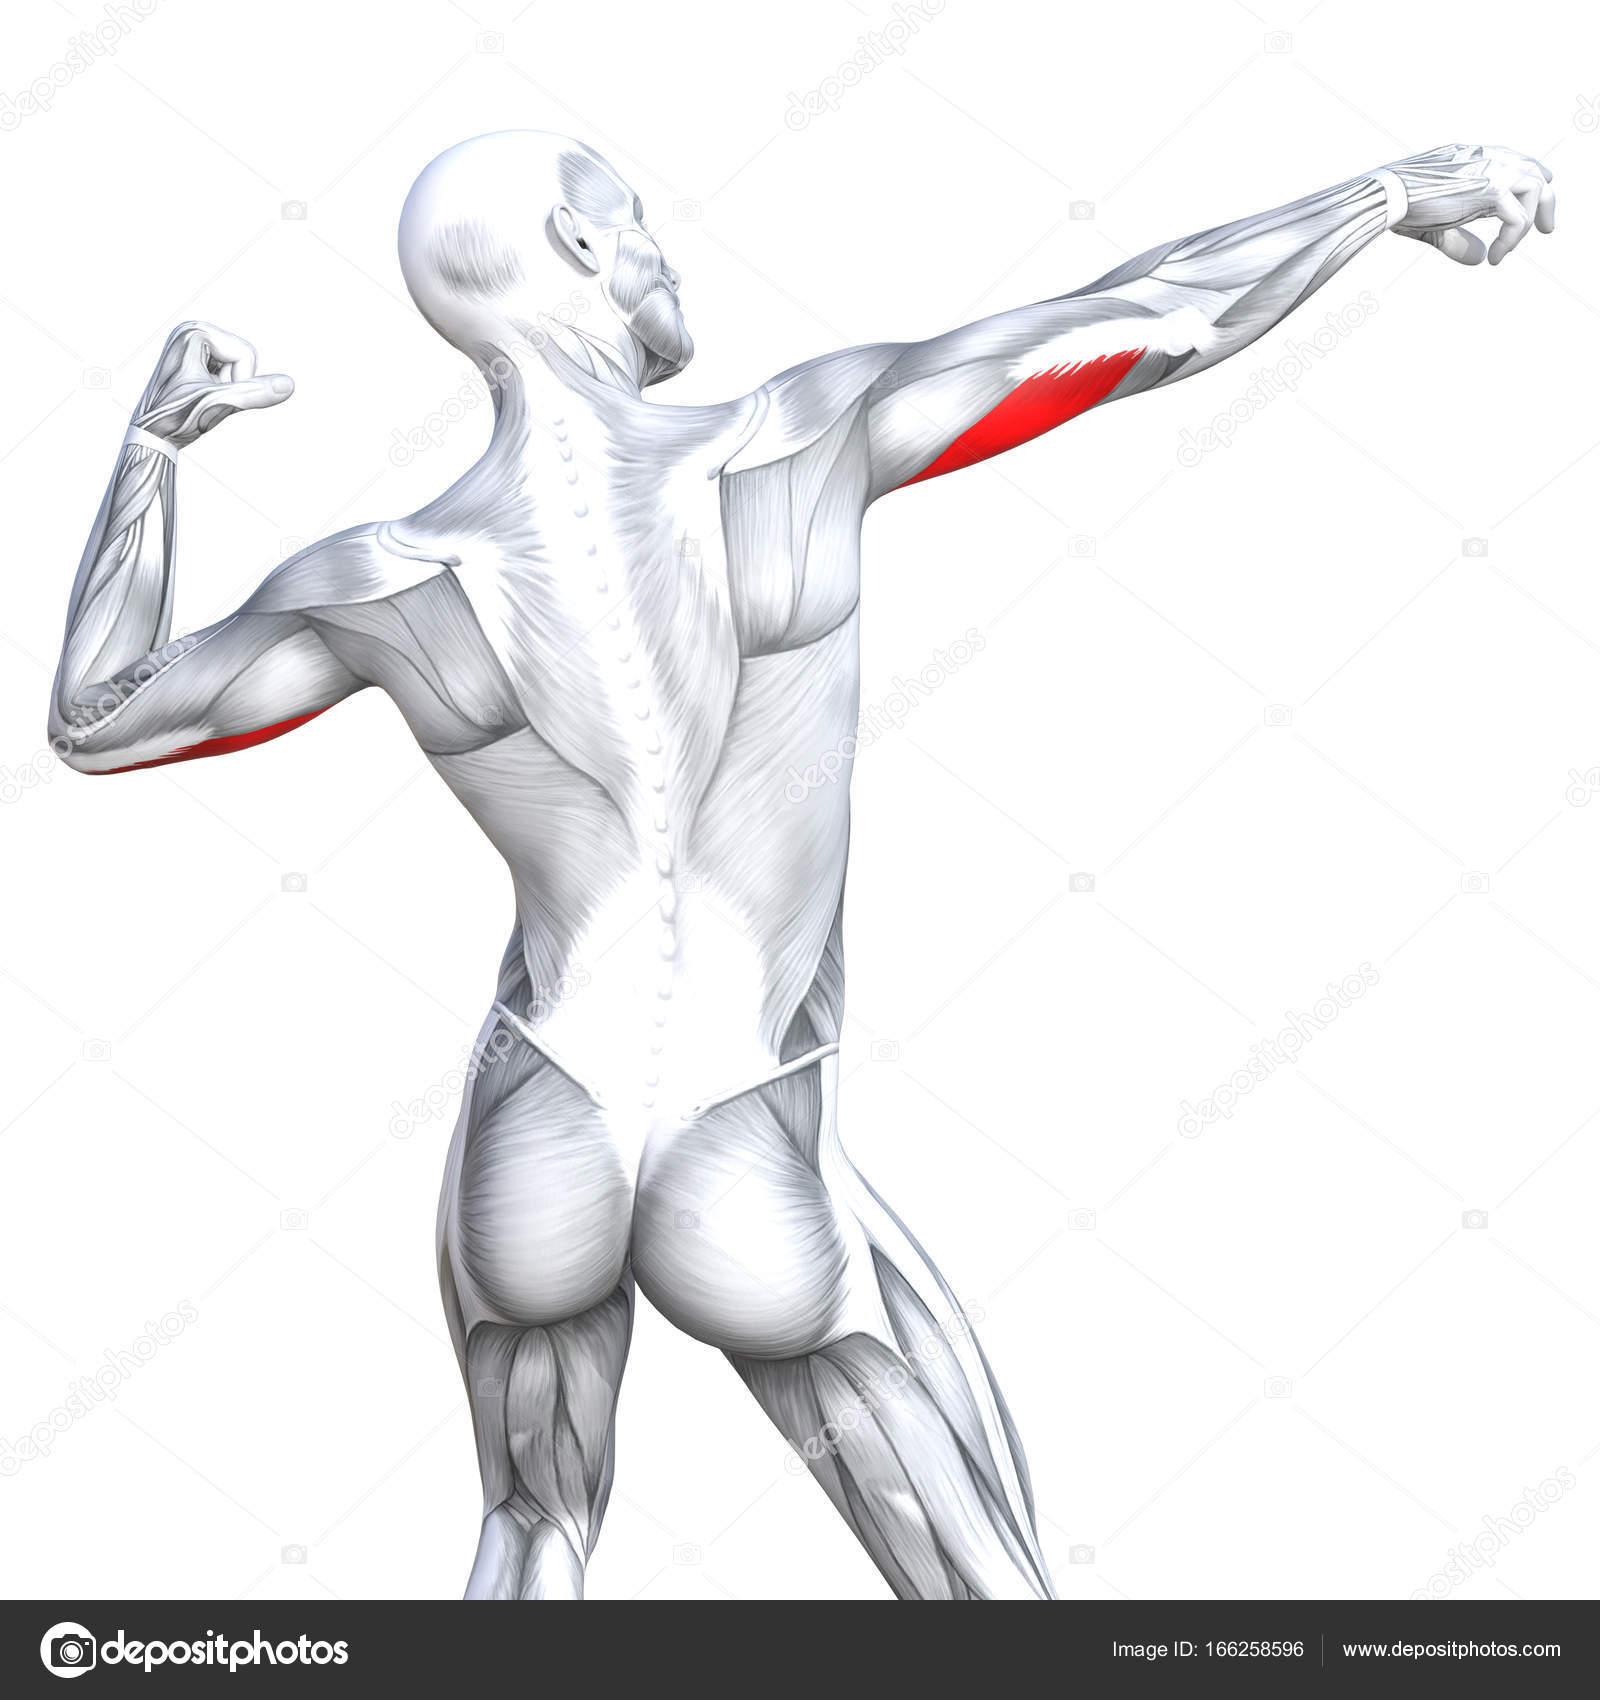 grundlegende menschliche Anatomie — Stockfoto © design36 #166258596